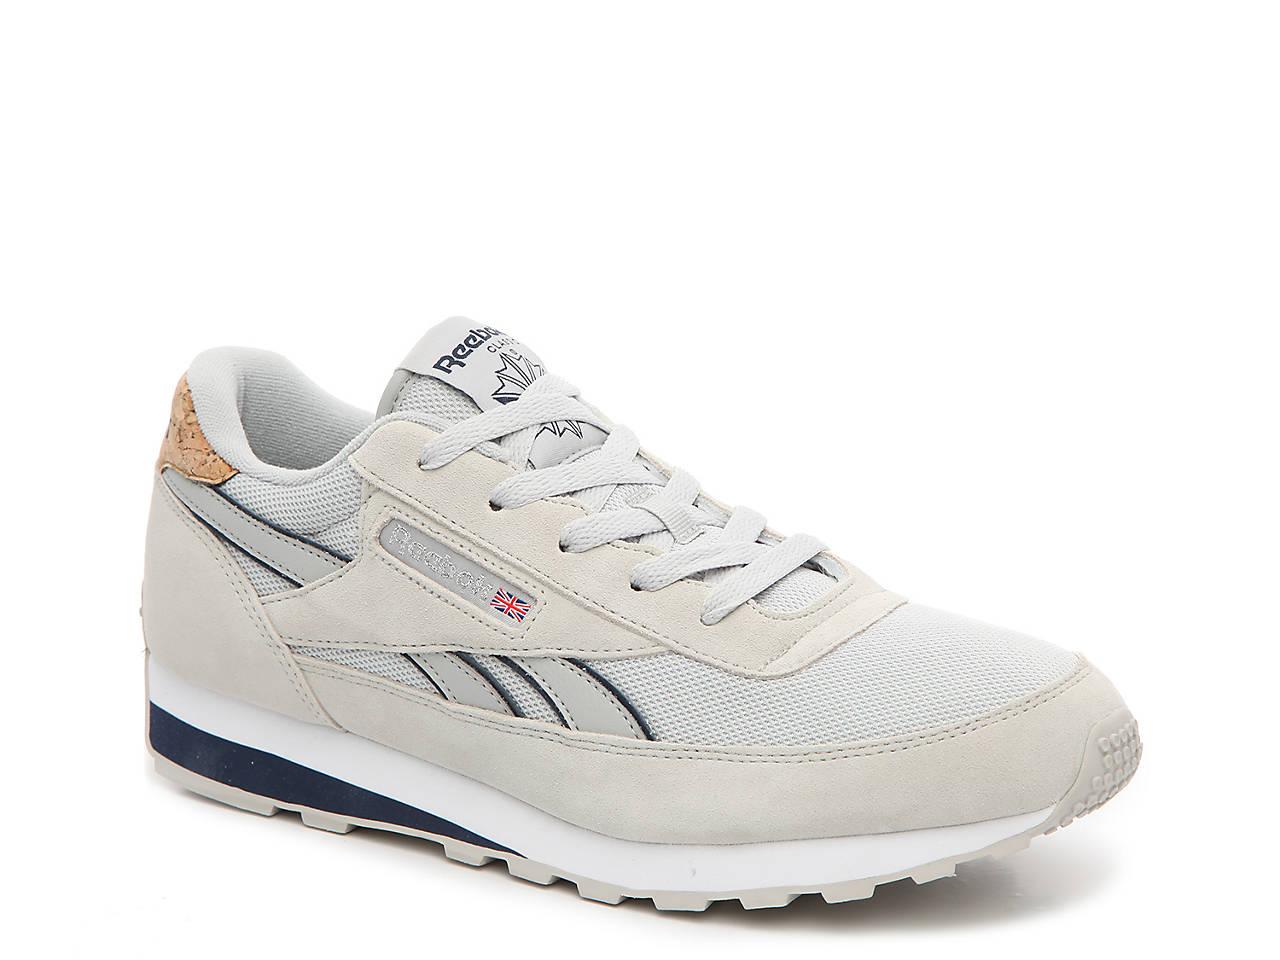 94abc726a3d Reebok Classic Renaissance Retro Sneaker - Men s Men s Shoes